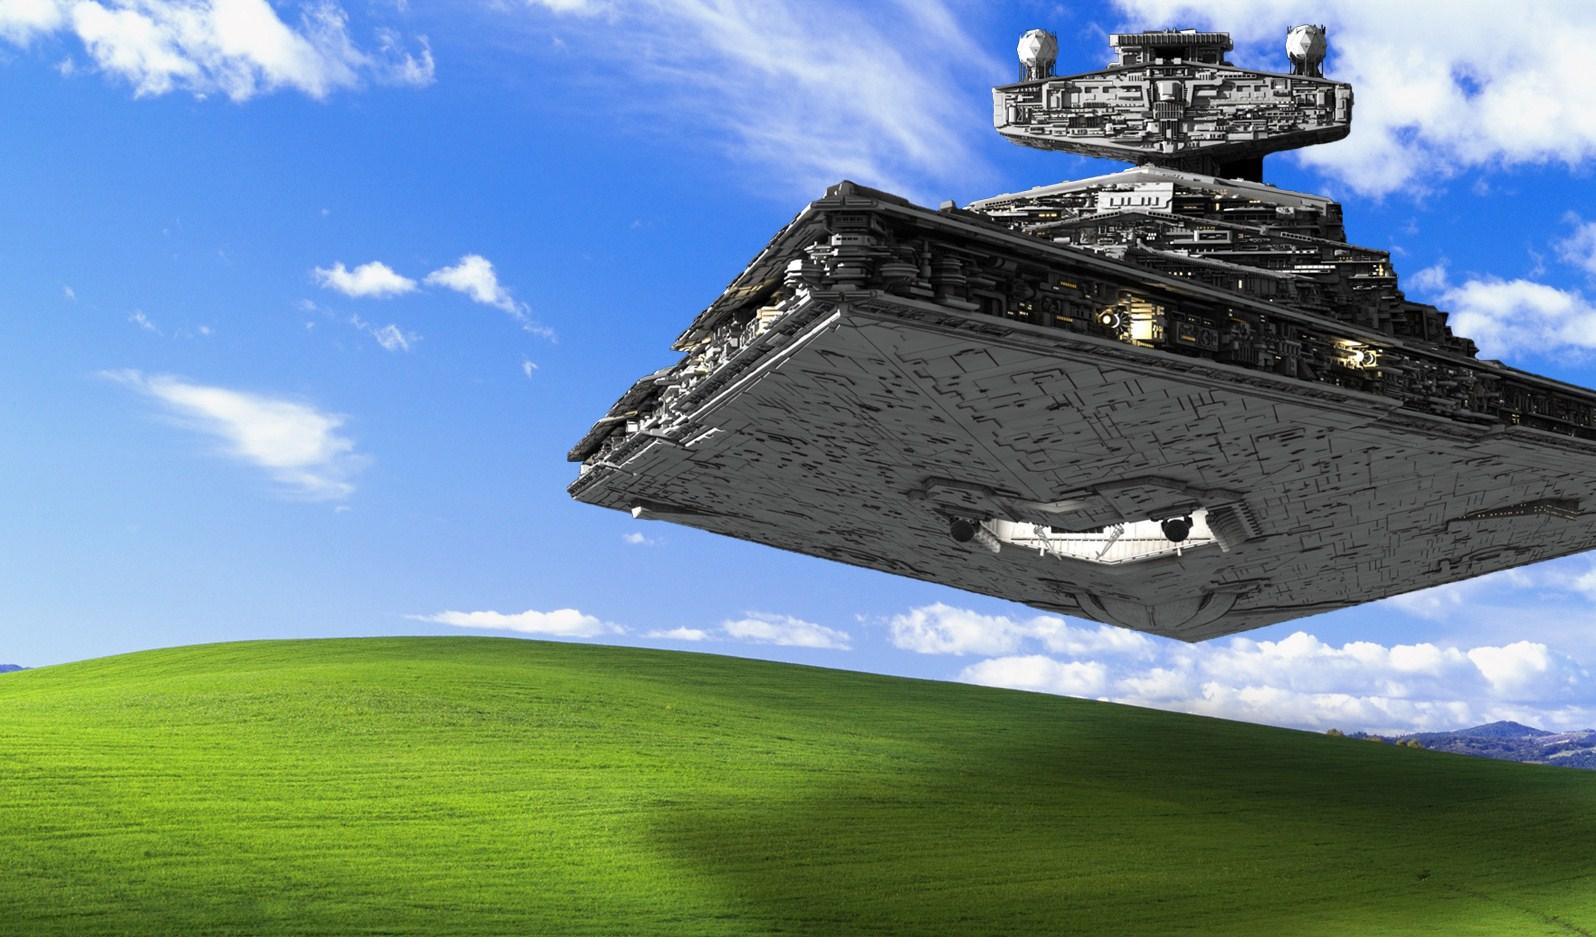 ... Star Wars Live Wallpaper for PC WallpaperSafari